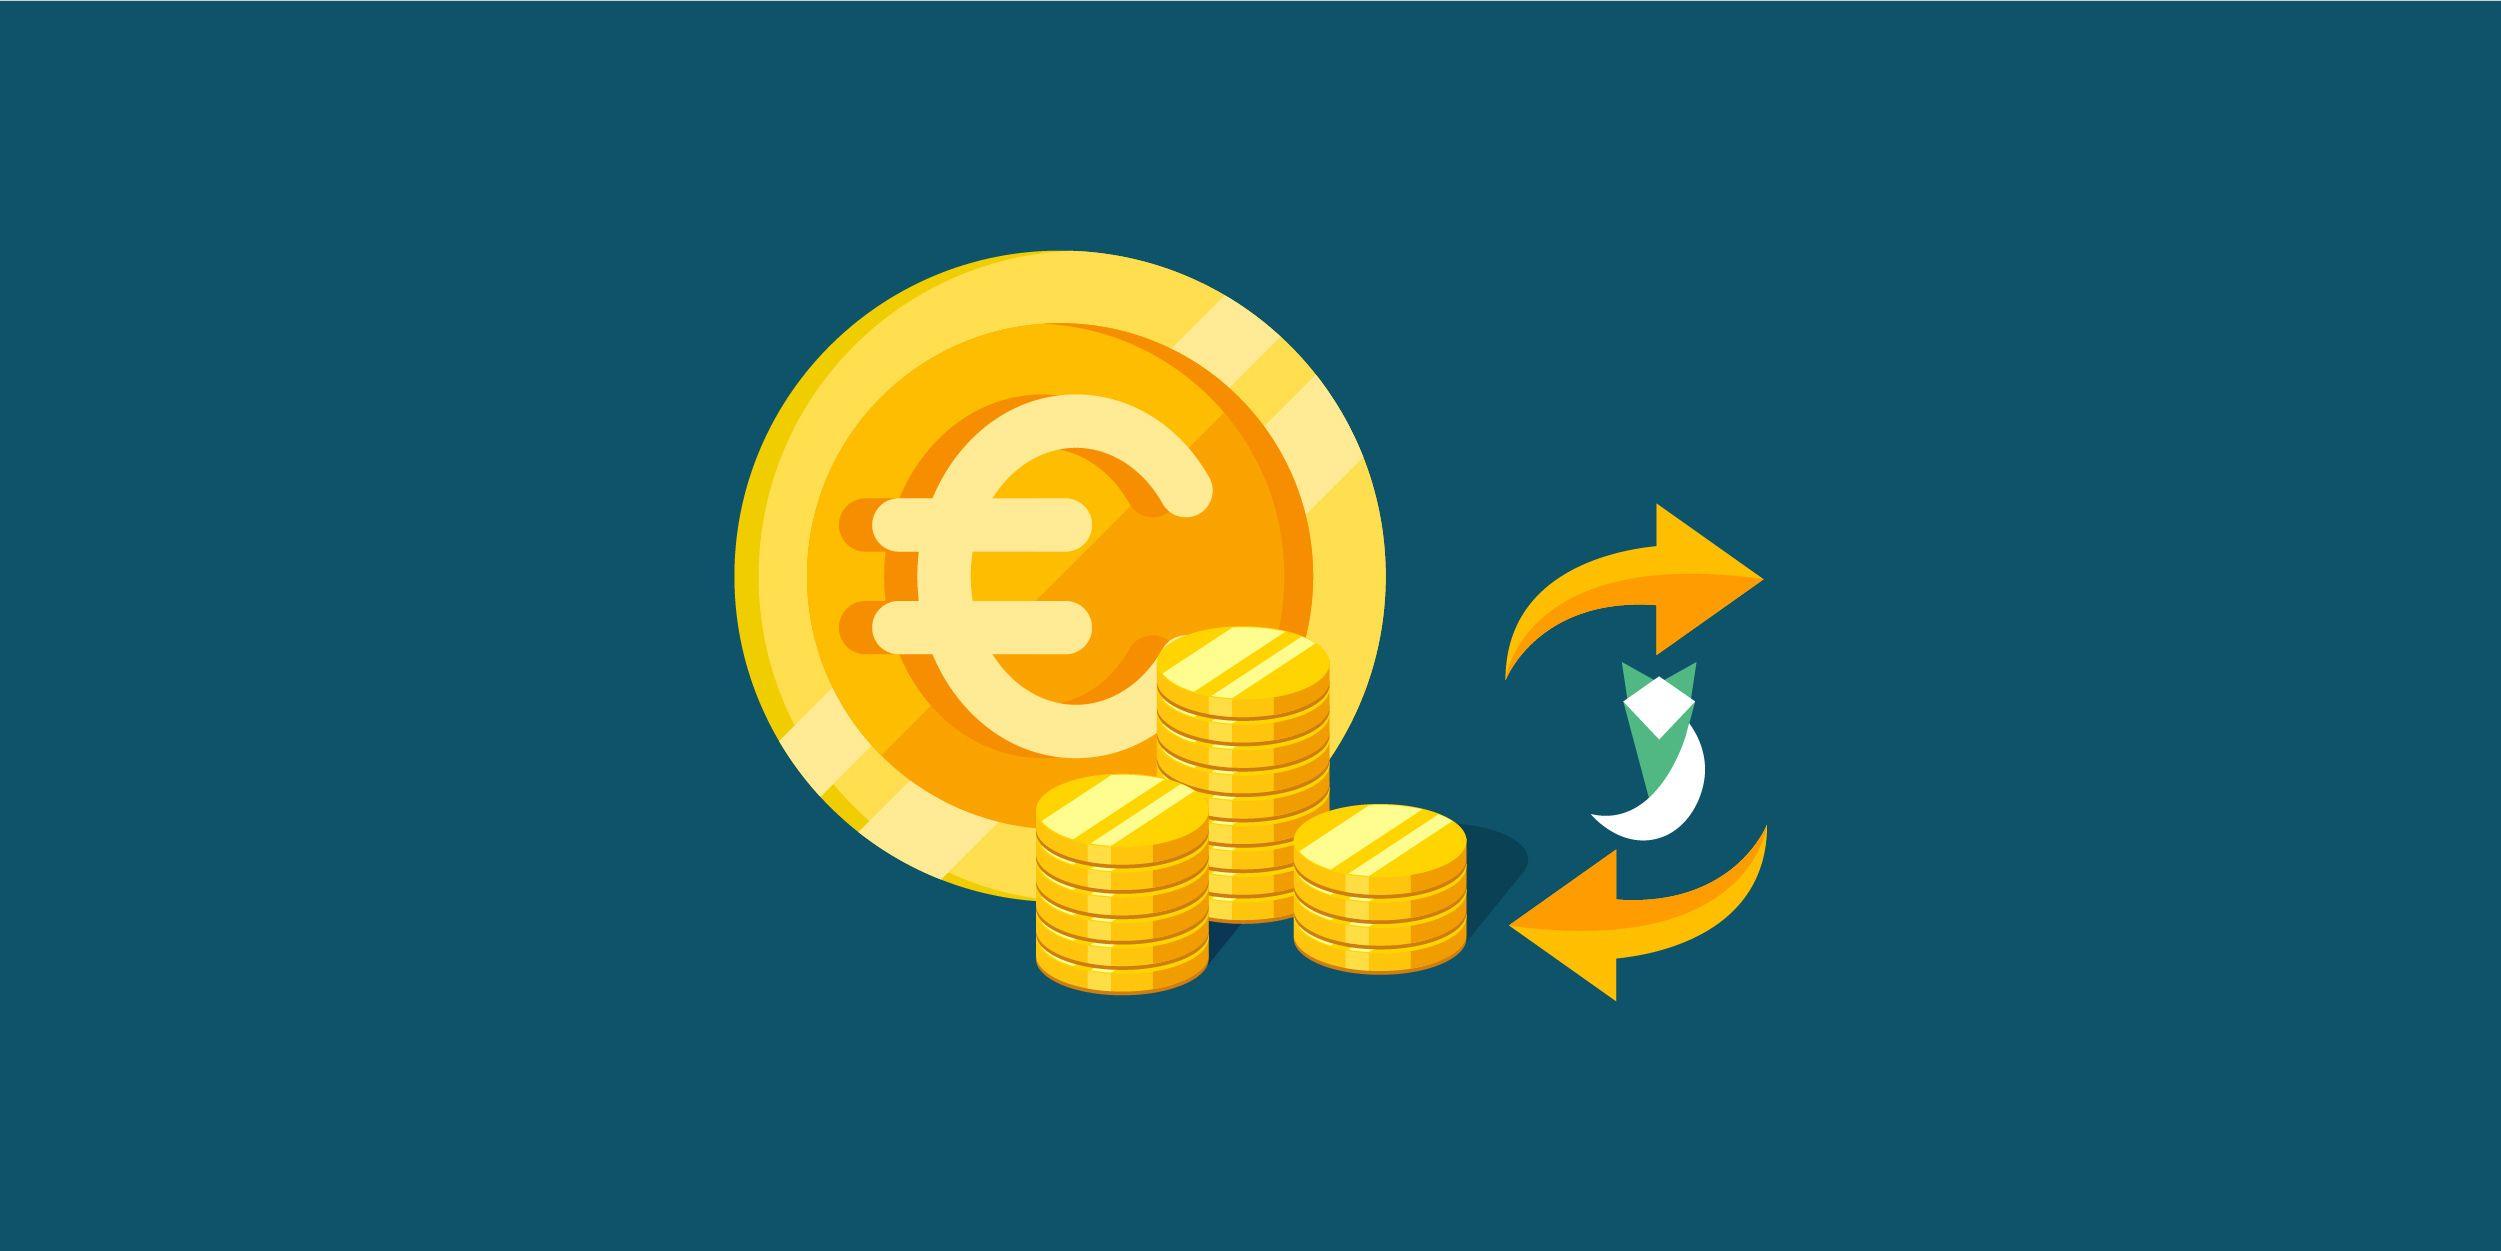 سعر اليورو في البنوك المصرية اليوم: الخميس 24  يونيو 2021